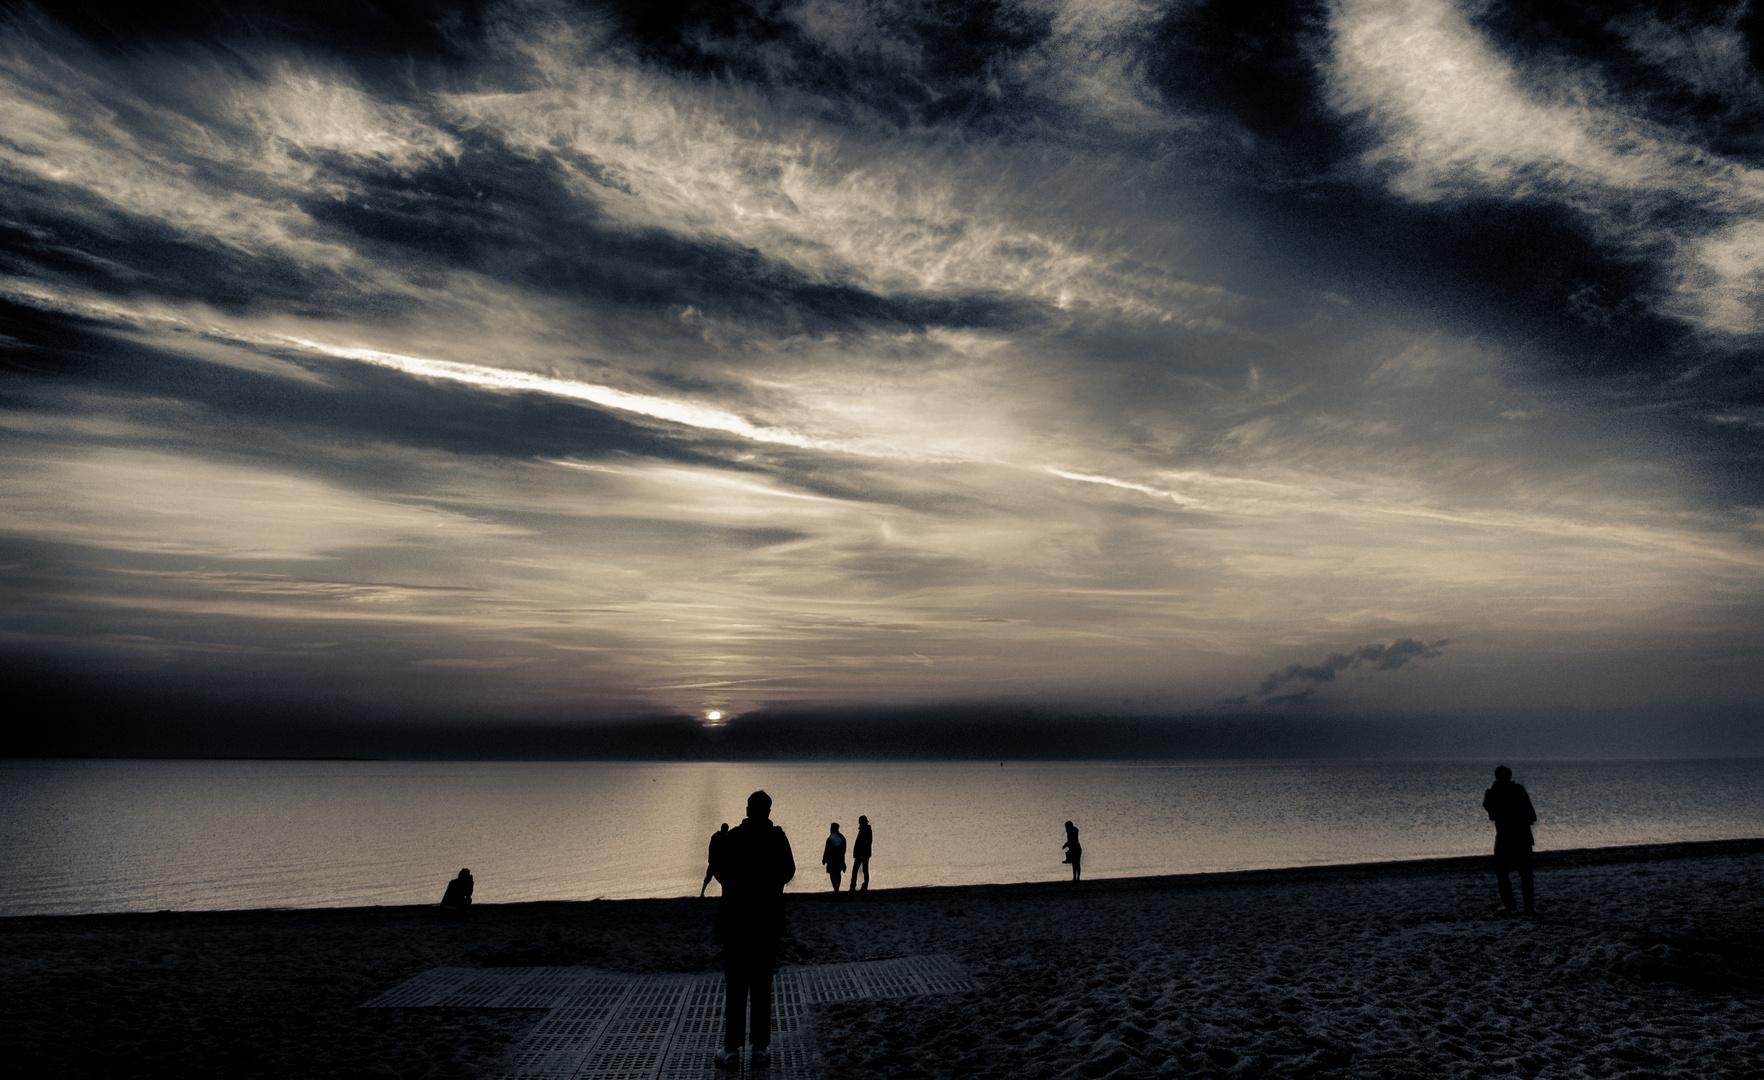 den abend am strand geniessen ...